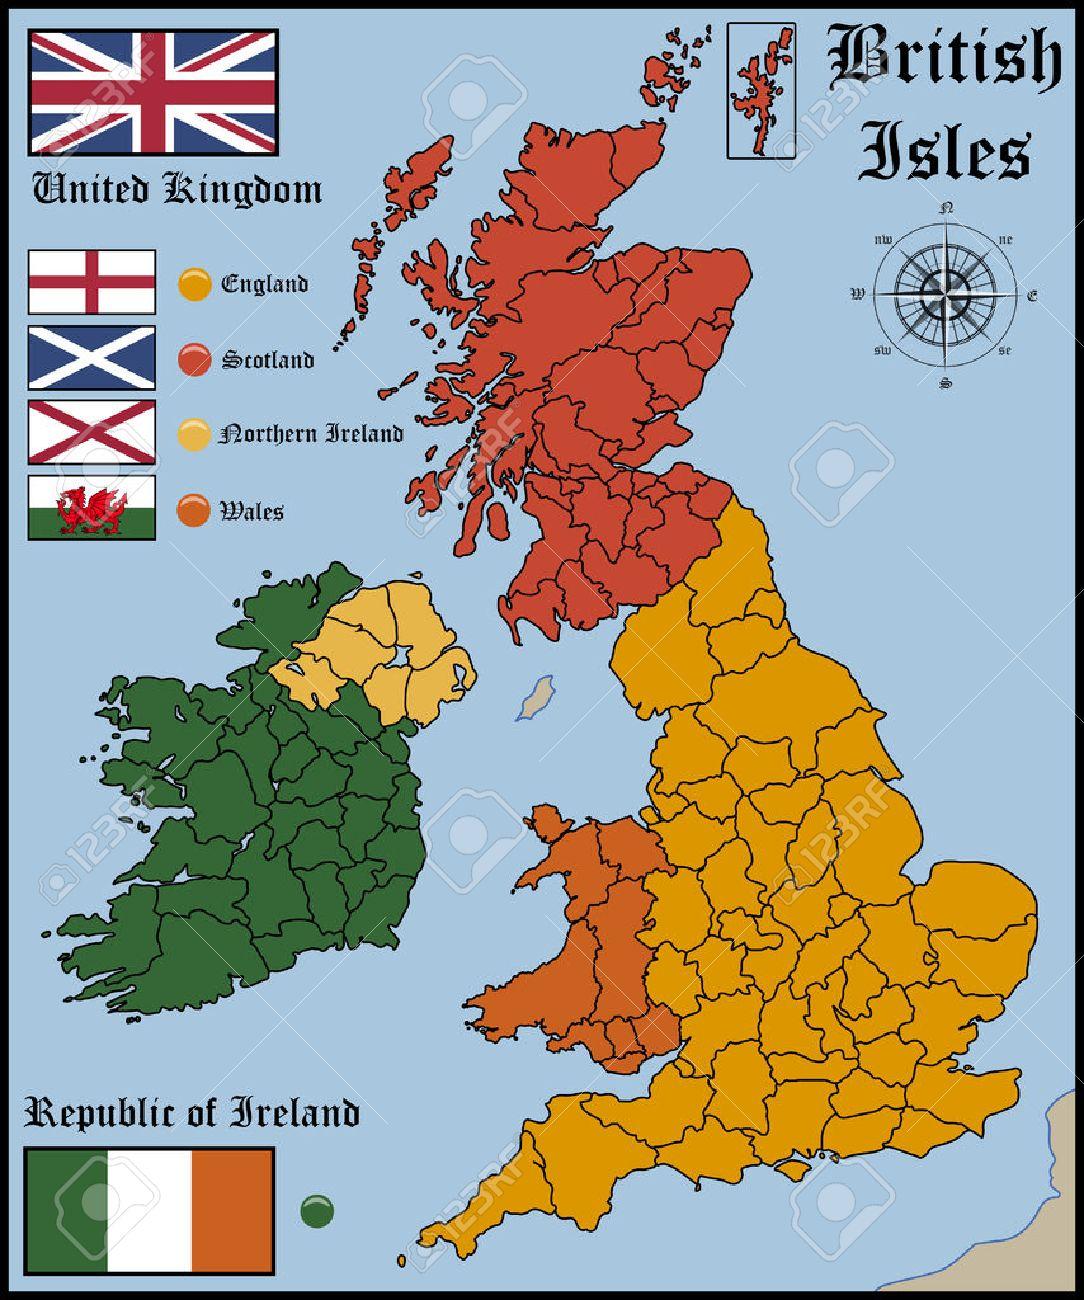 地図とイギリス諸島の国旗のイラスト素材・ベクタ - Image 42028357.